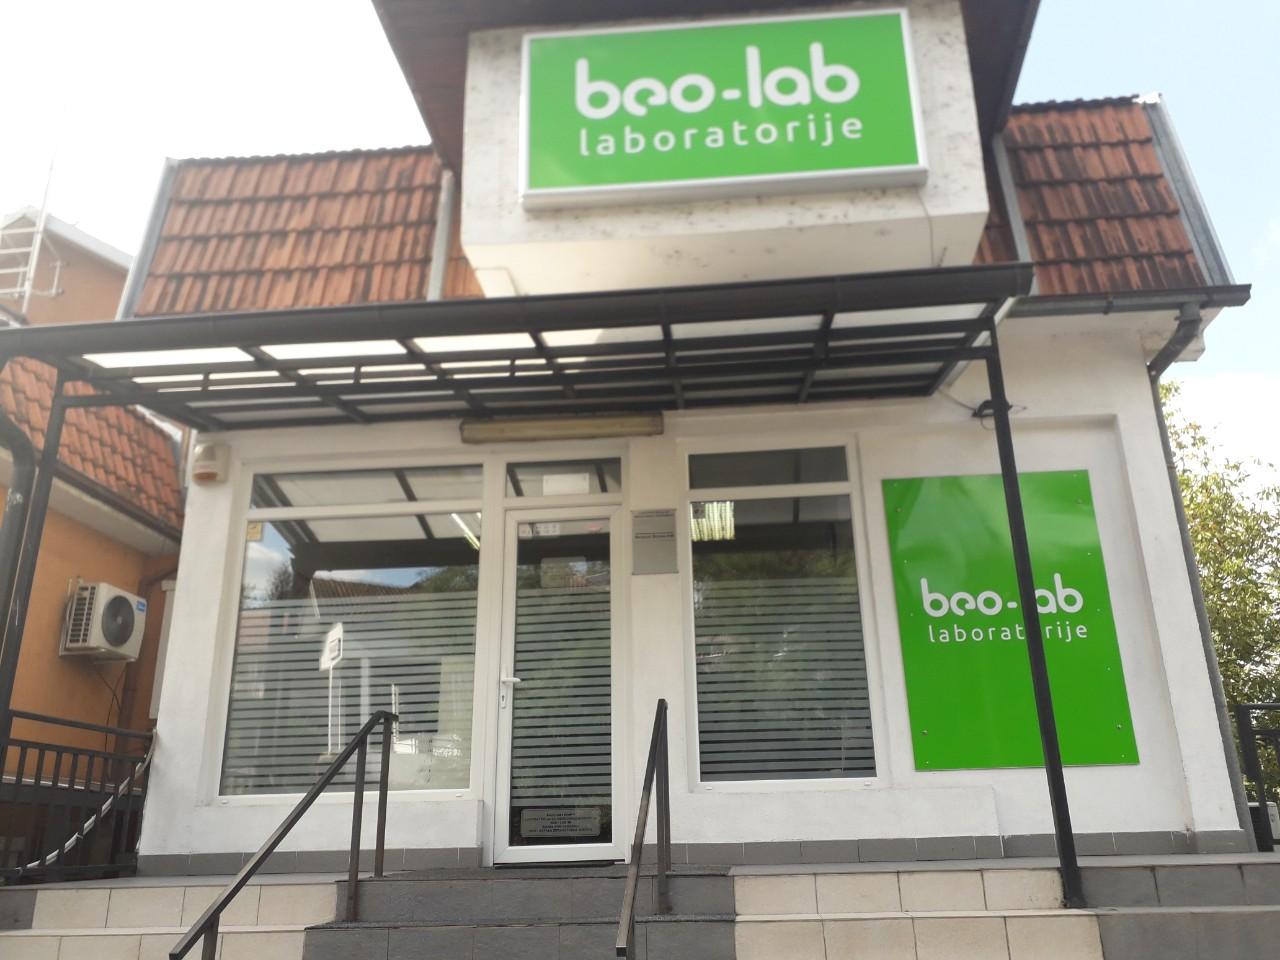 Beo-lab laboratorija Rakovica, Borska 41M 1